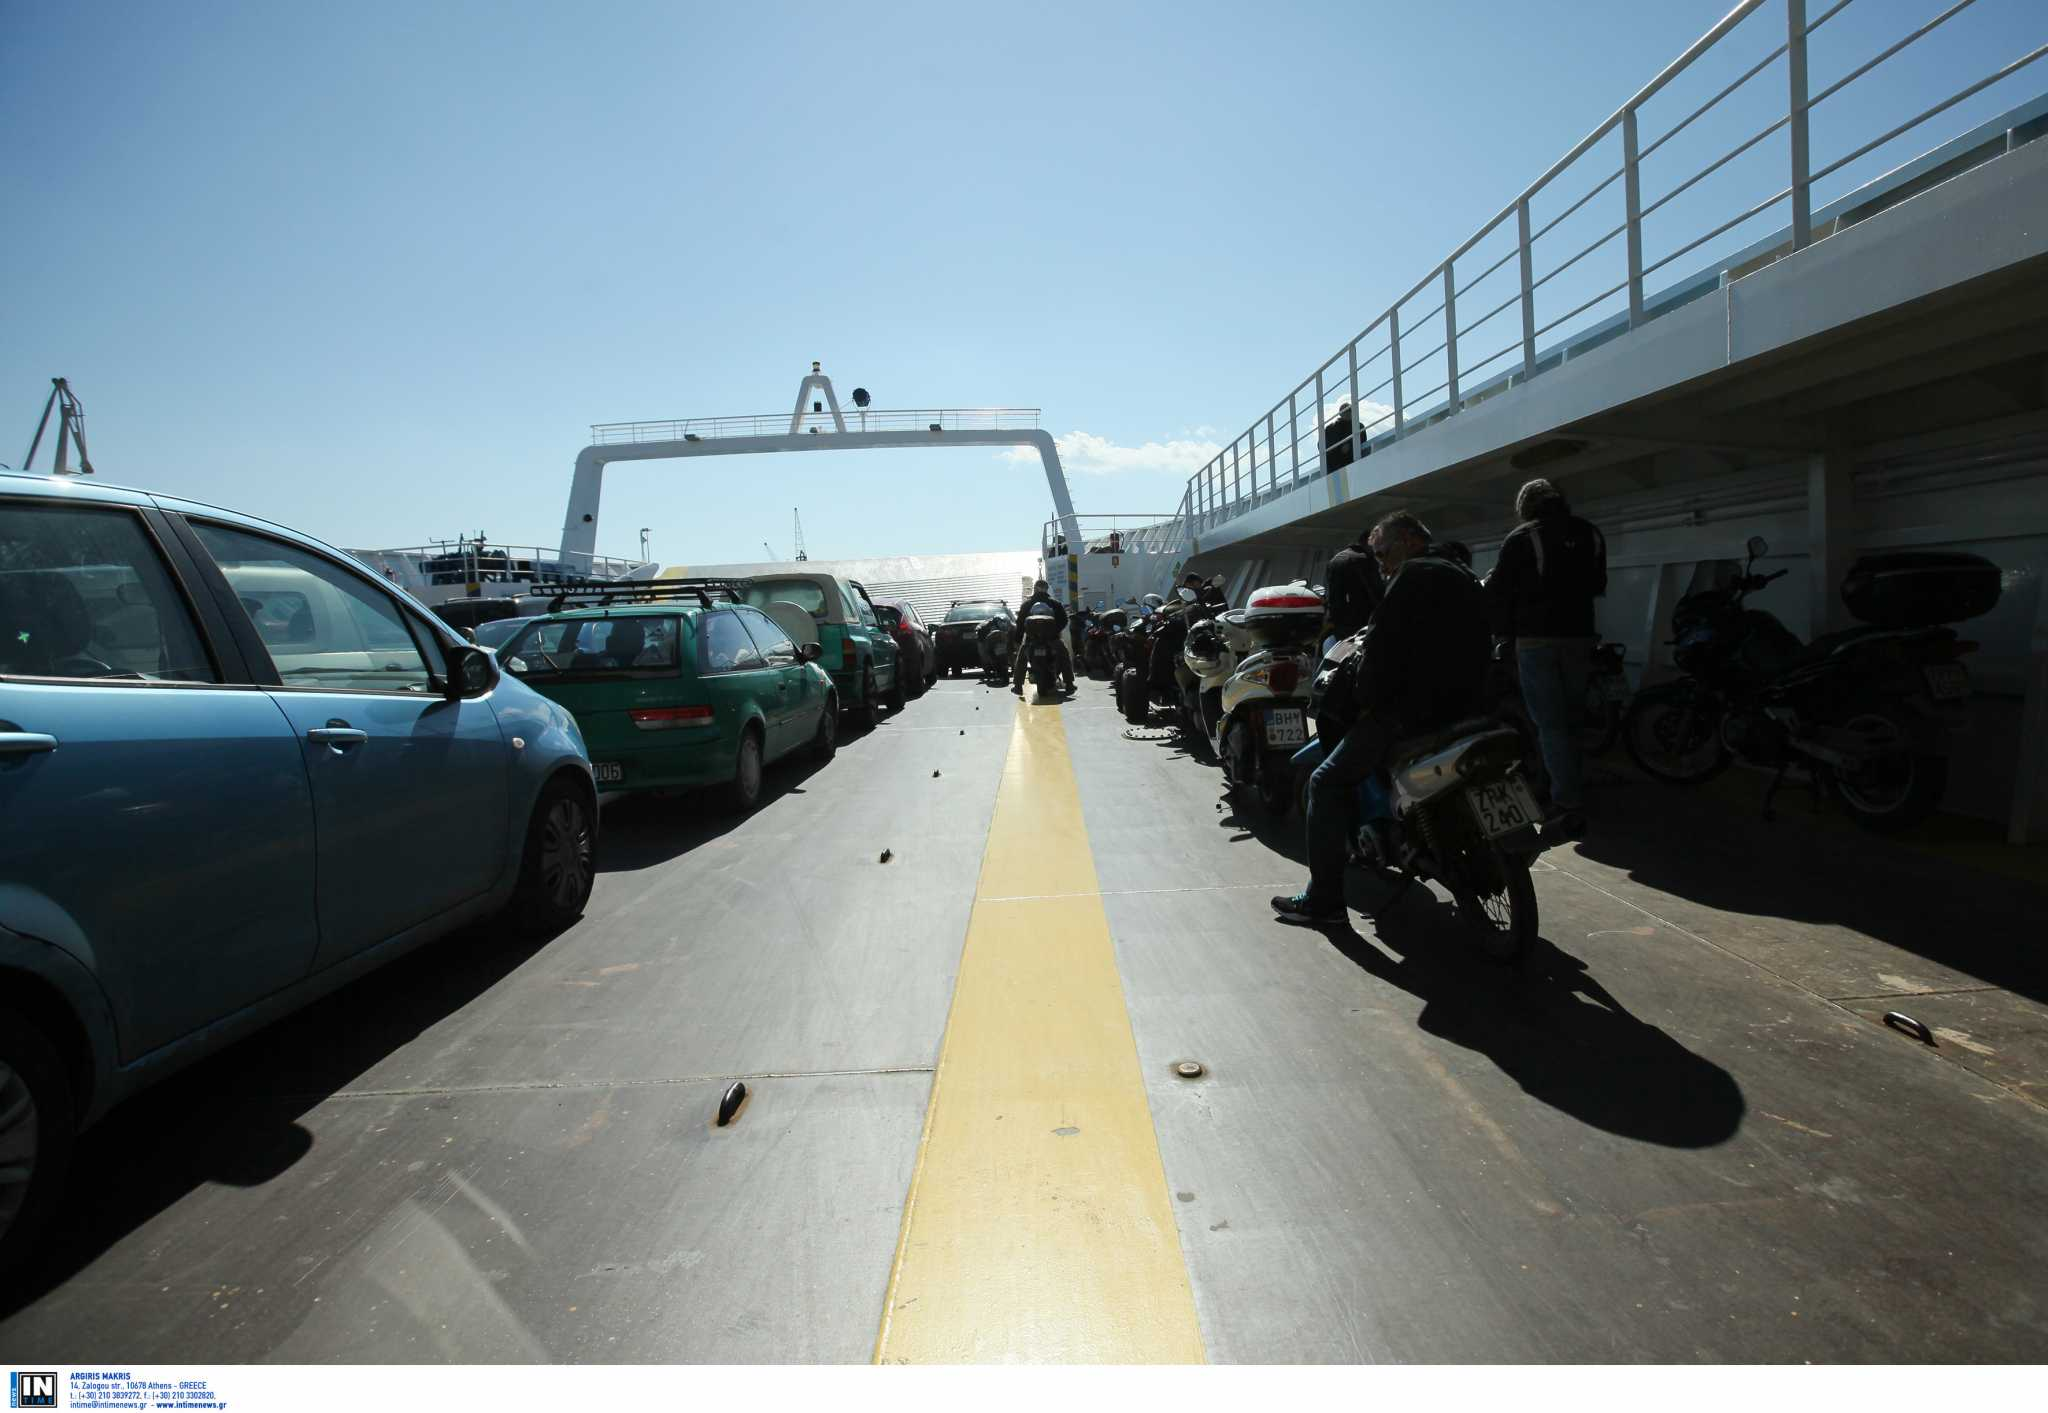 Καβάλα: Έξαλλοι οι επιβάτες του ferry με το ναύτη που τον πήρε ο ύπνος